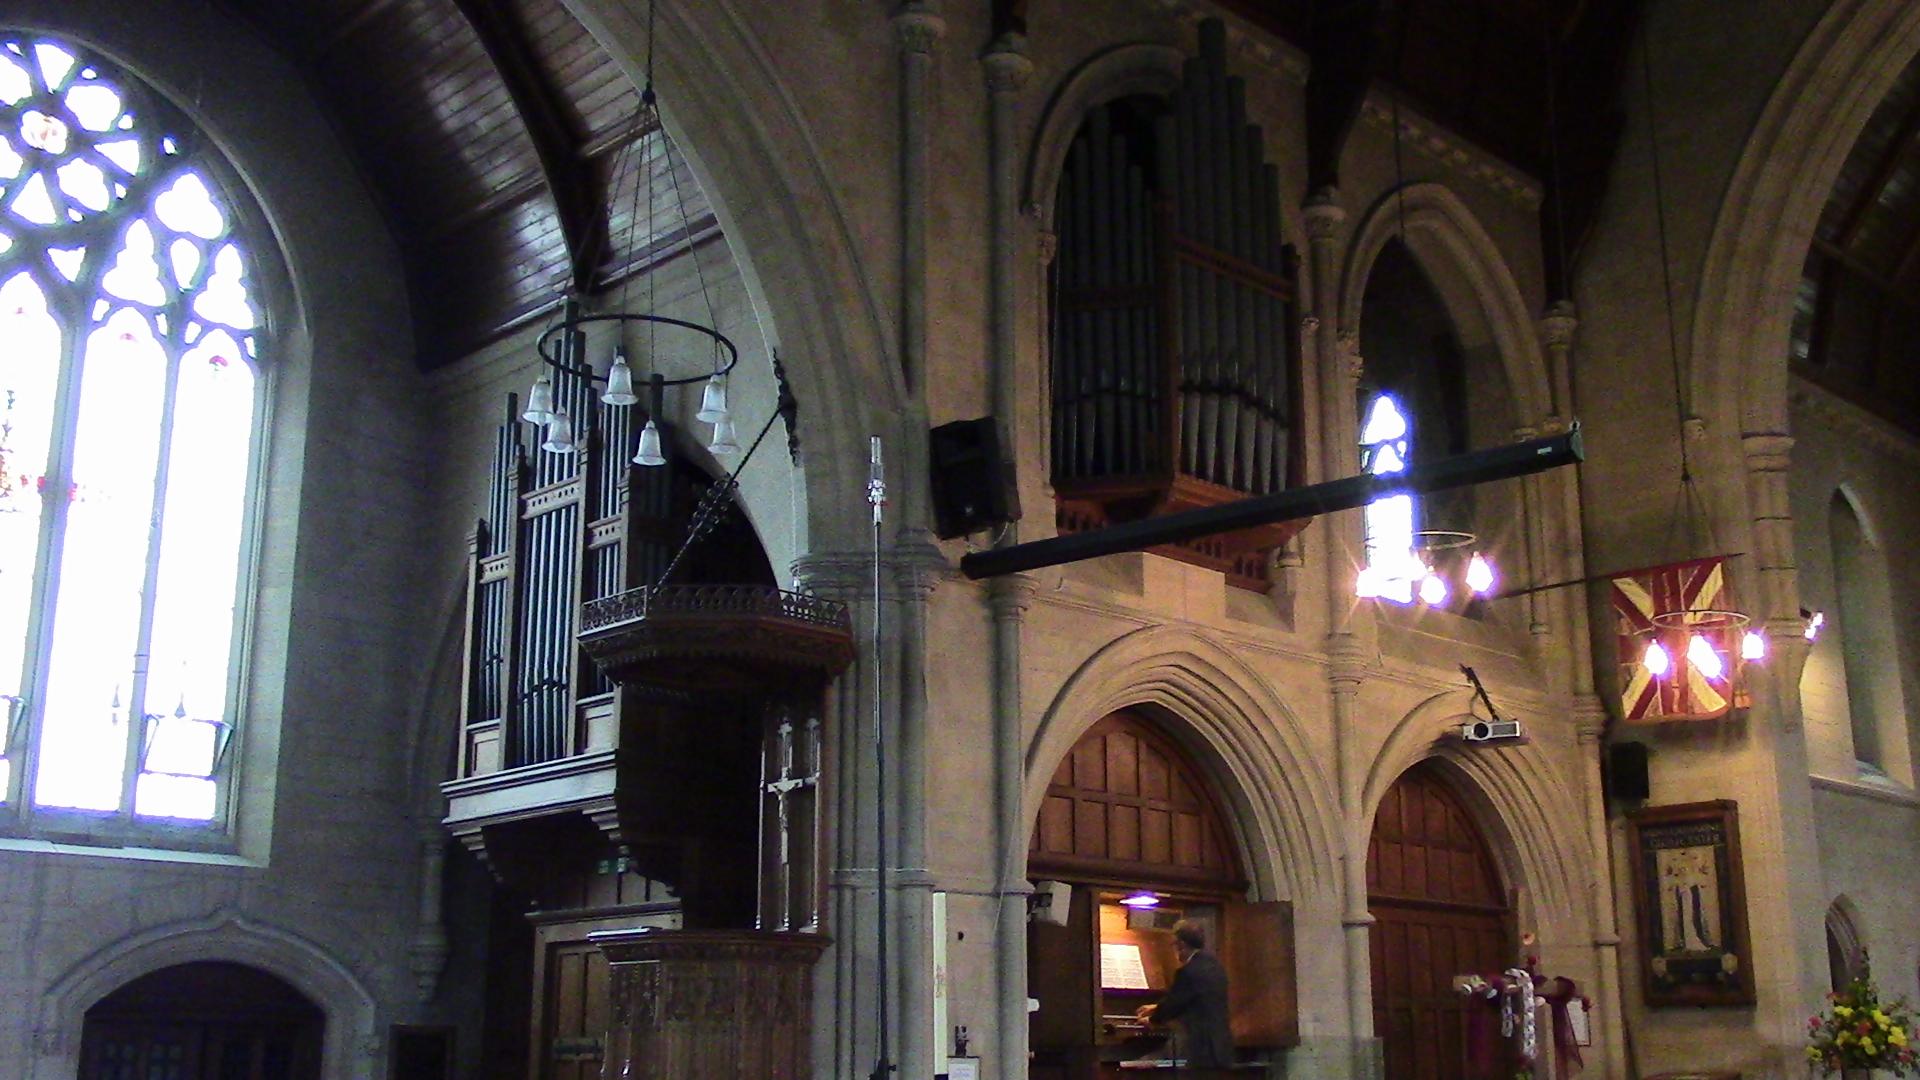 Valkyr Organ Recital